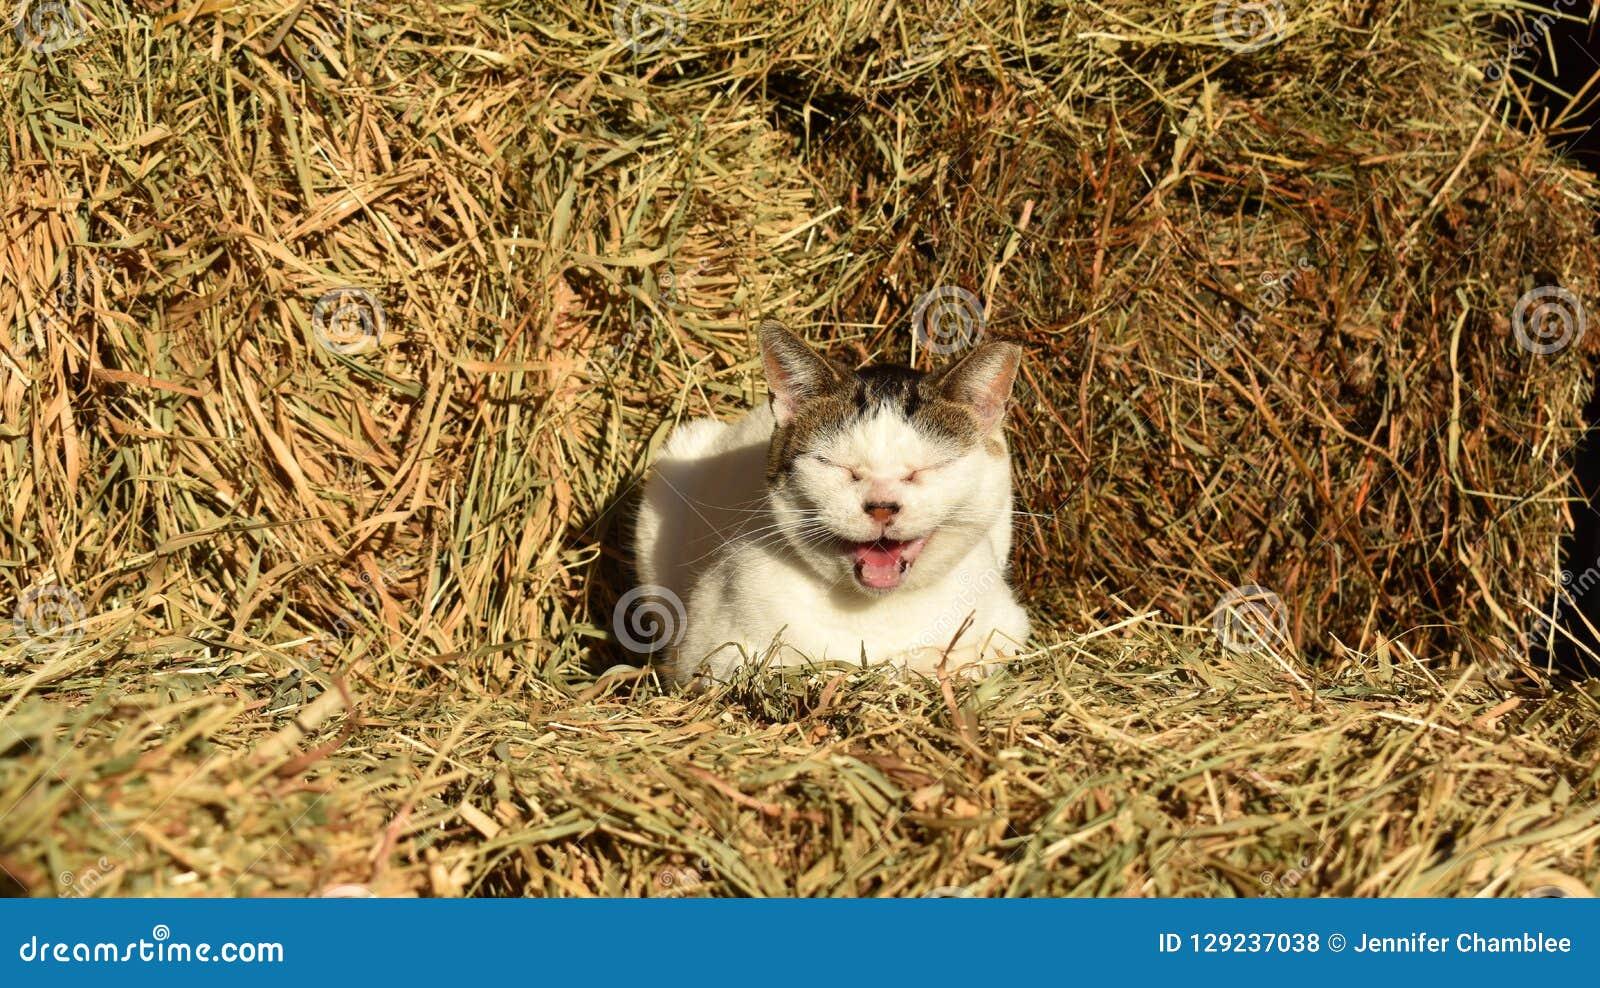 Gato miando que senta-se em pacotes de feno no celeiro